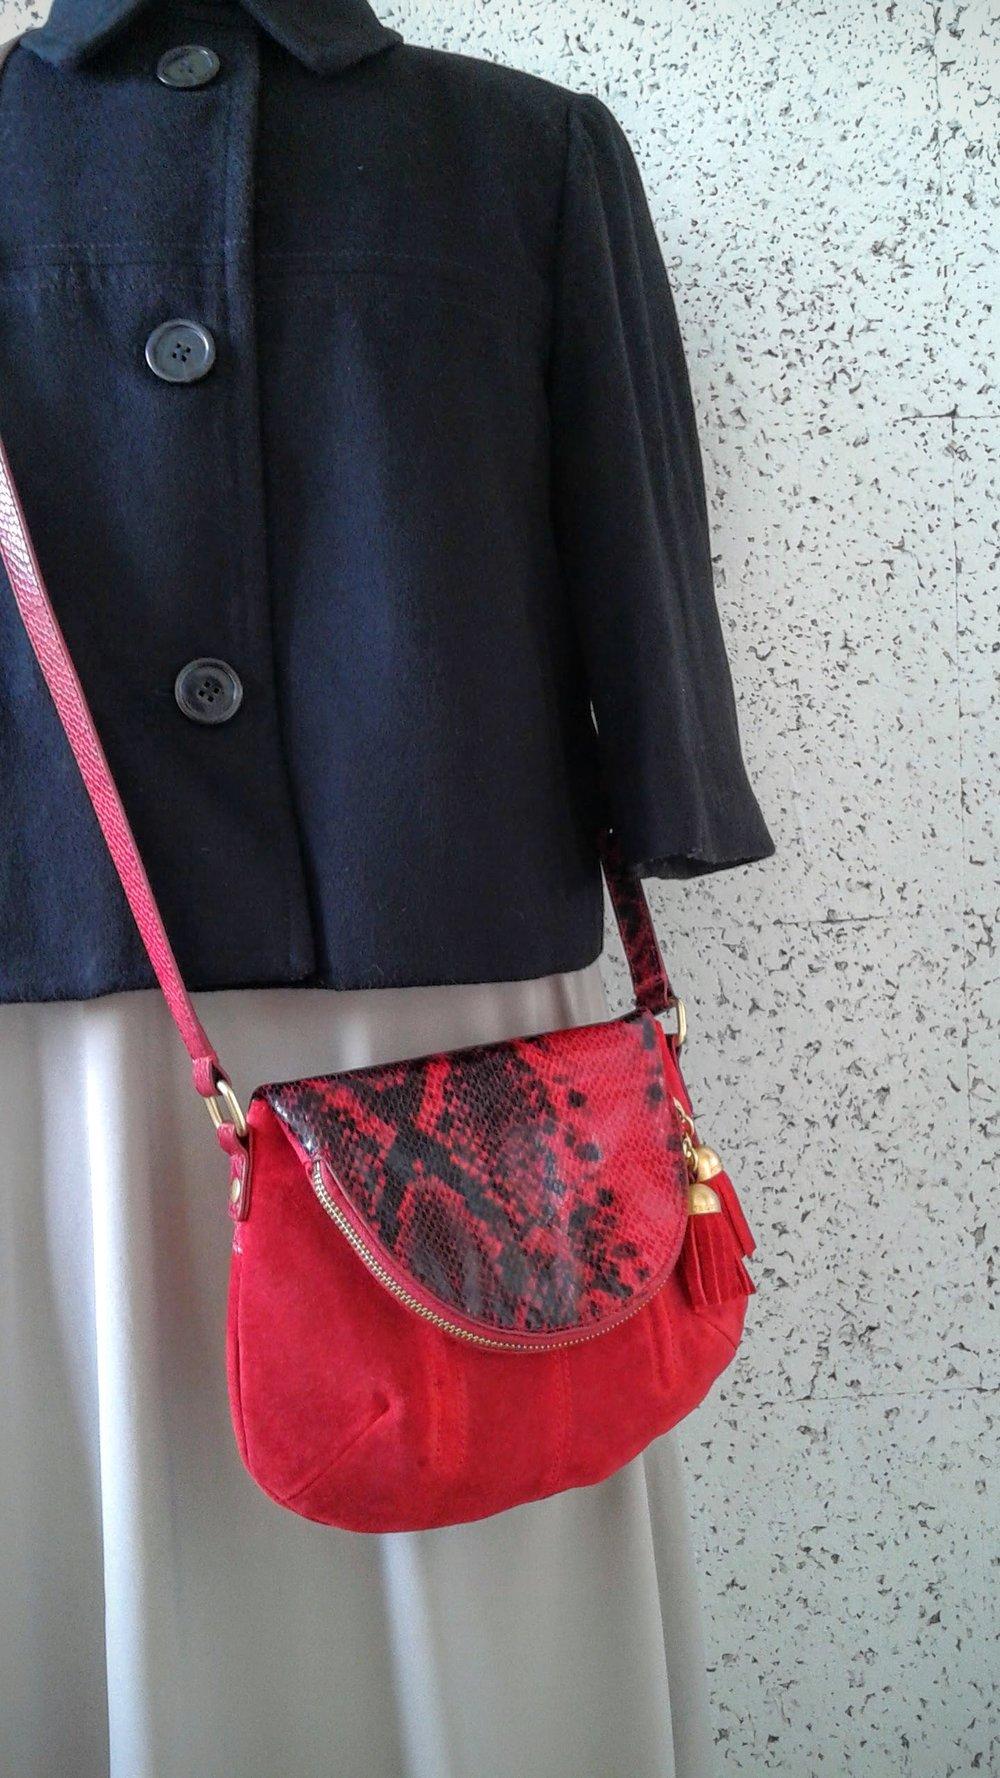 Geox  purse, $26